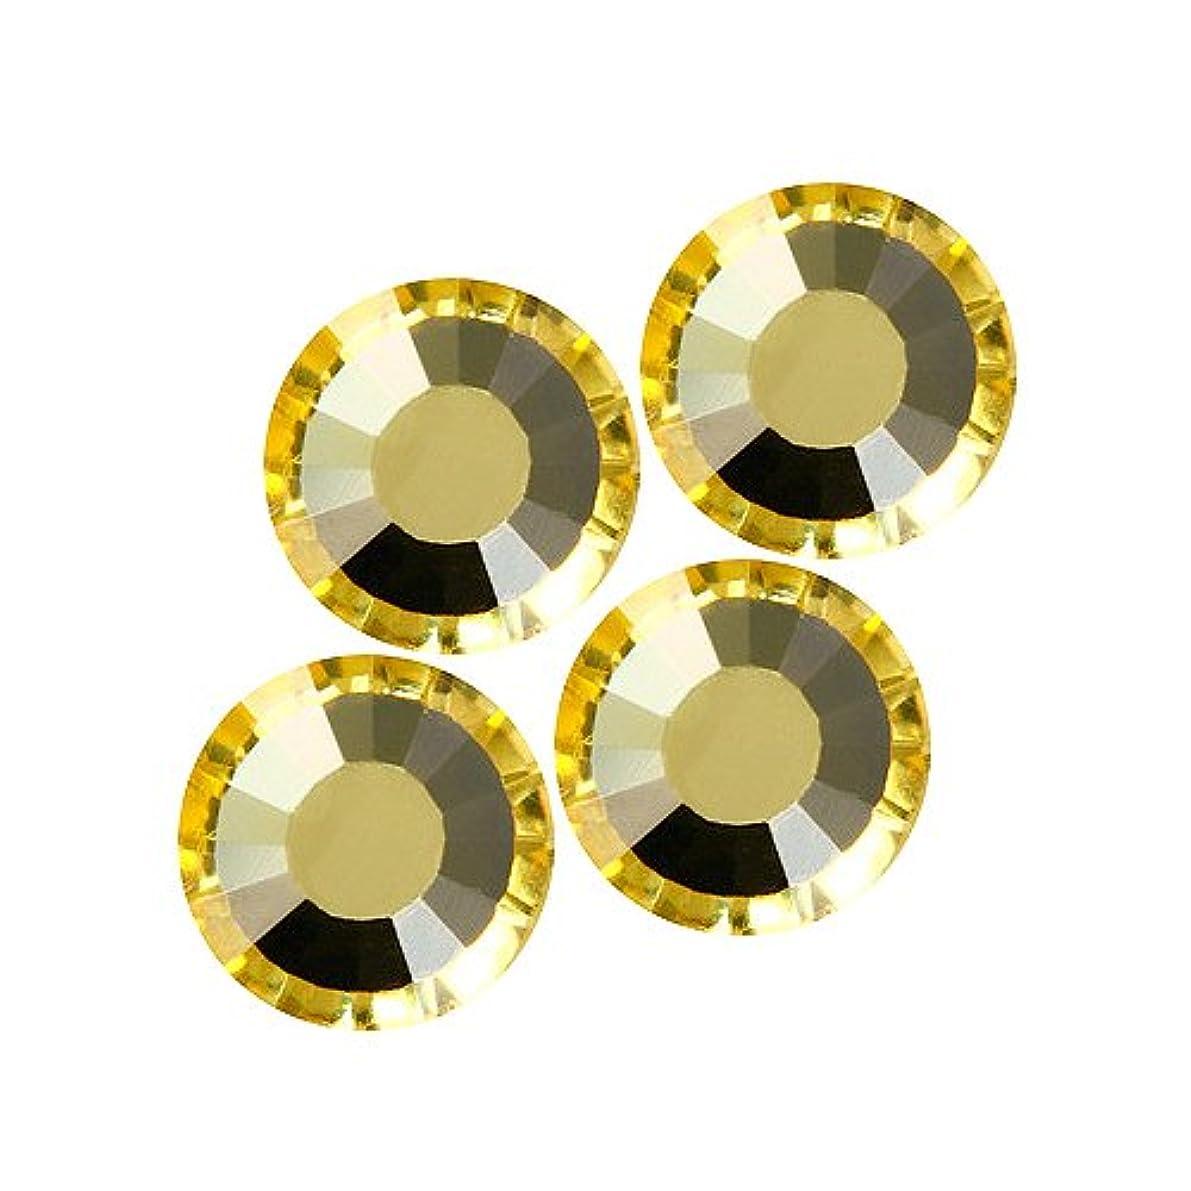 払い戻し甥医師バイナル DIAMOND RHINESTONE ジョンキル SS8 1440粒 ST-SS8-JON-10G